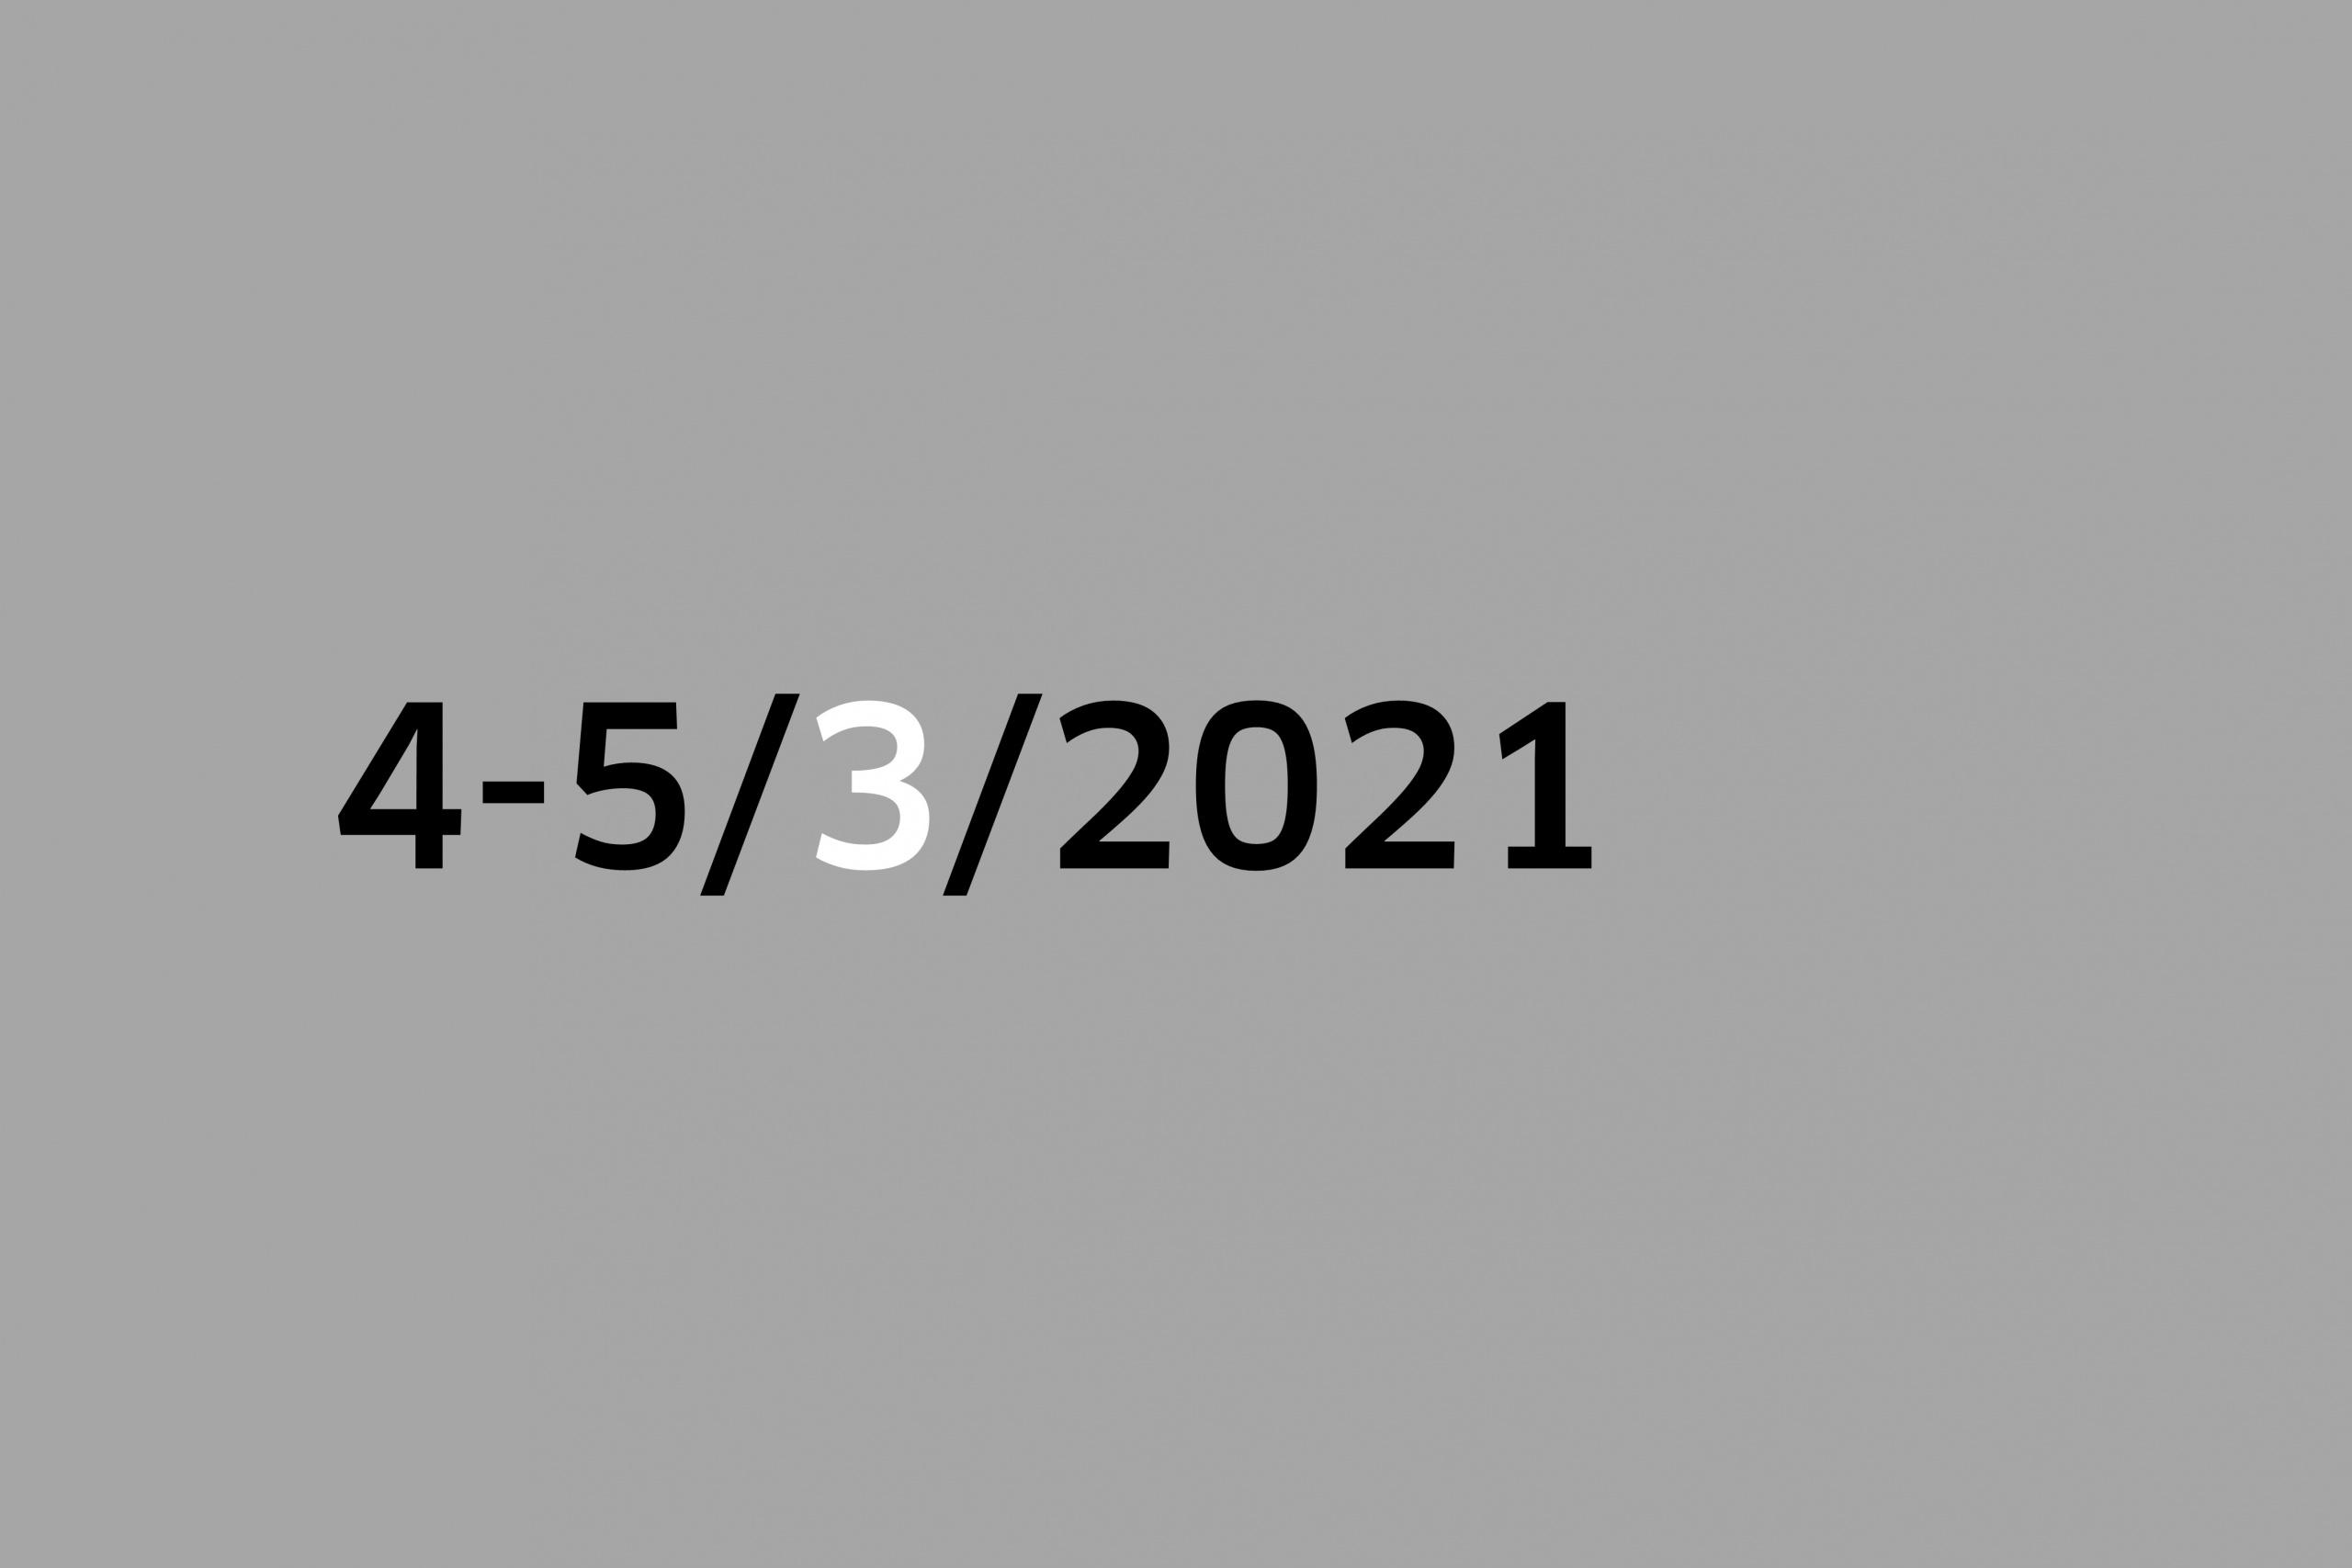 Studio 4-5/3/2021